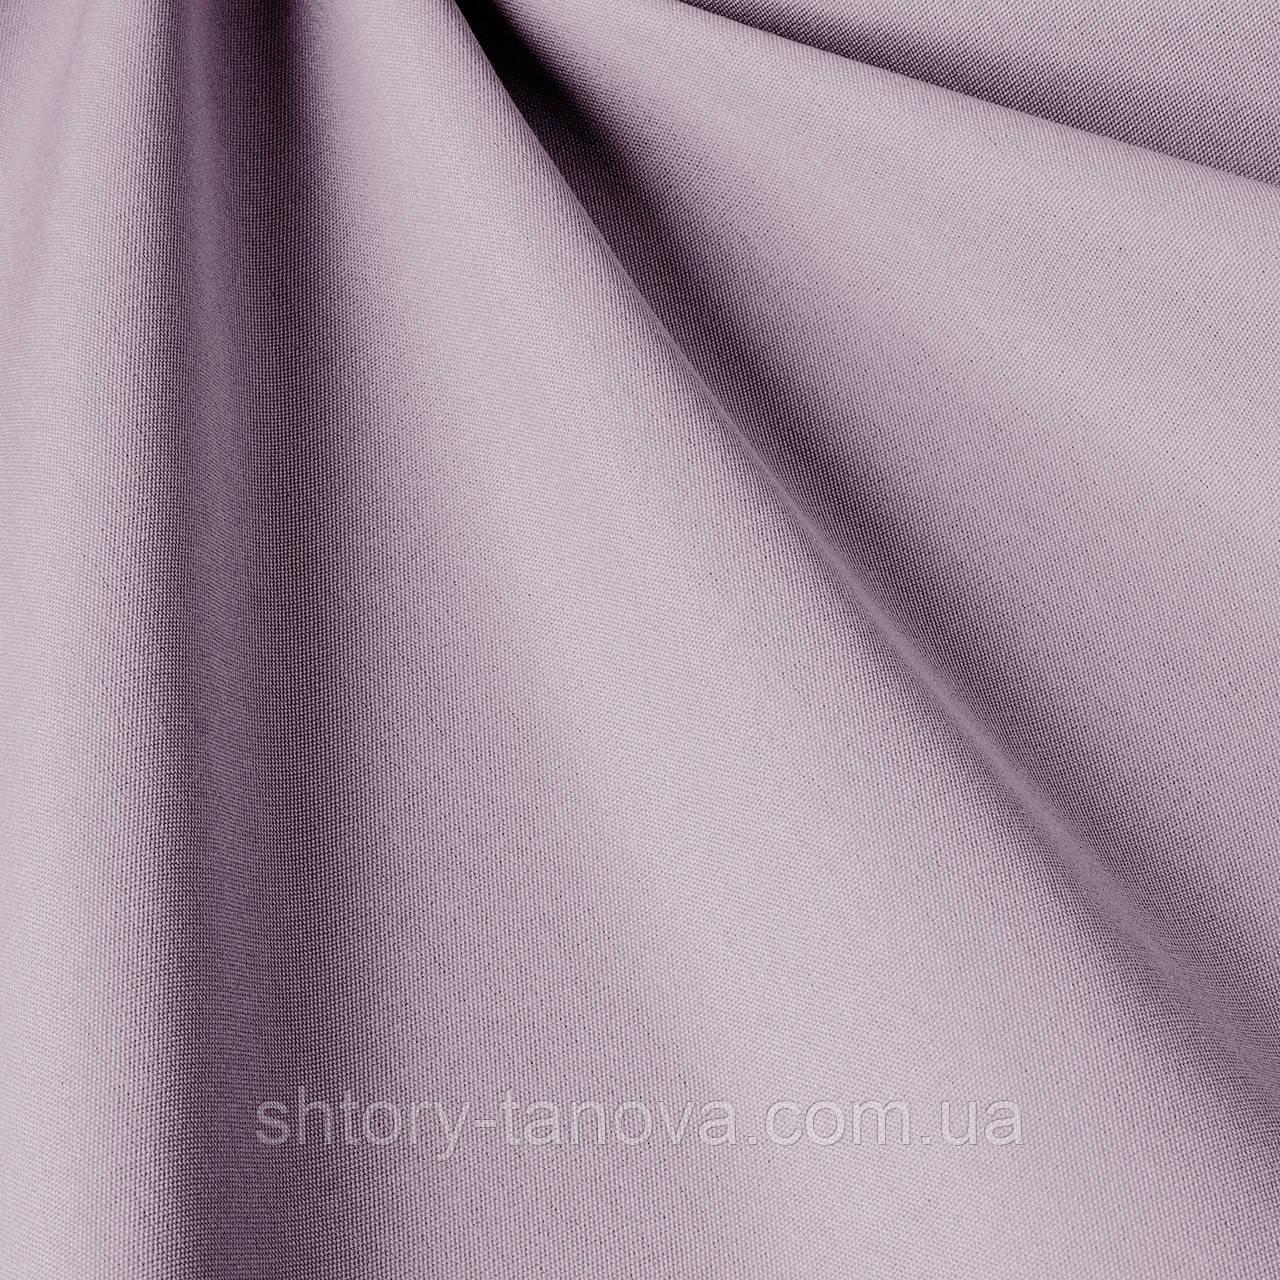 Однотонная ткань для улицы светло-сиреневого цвета